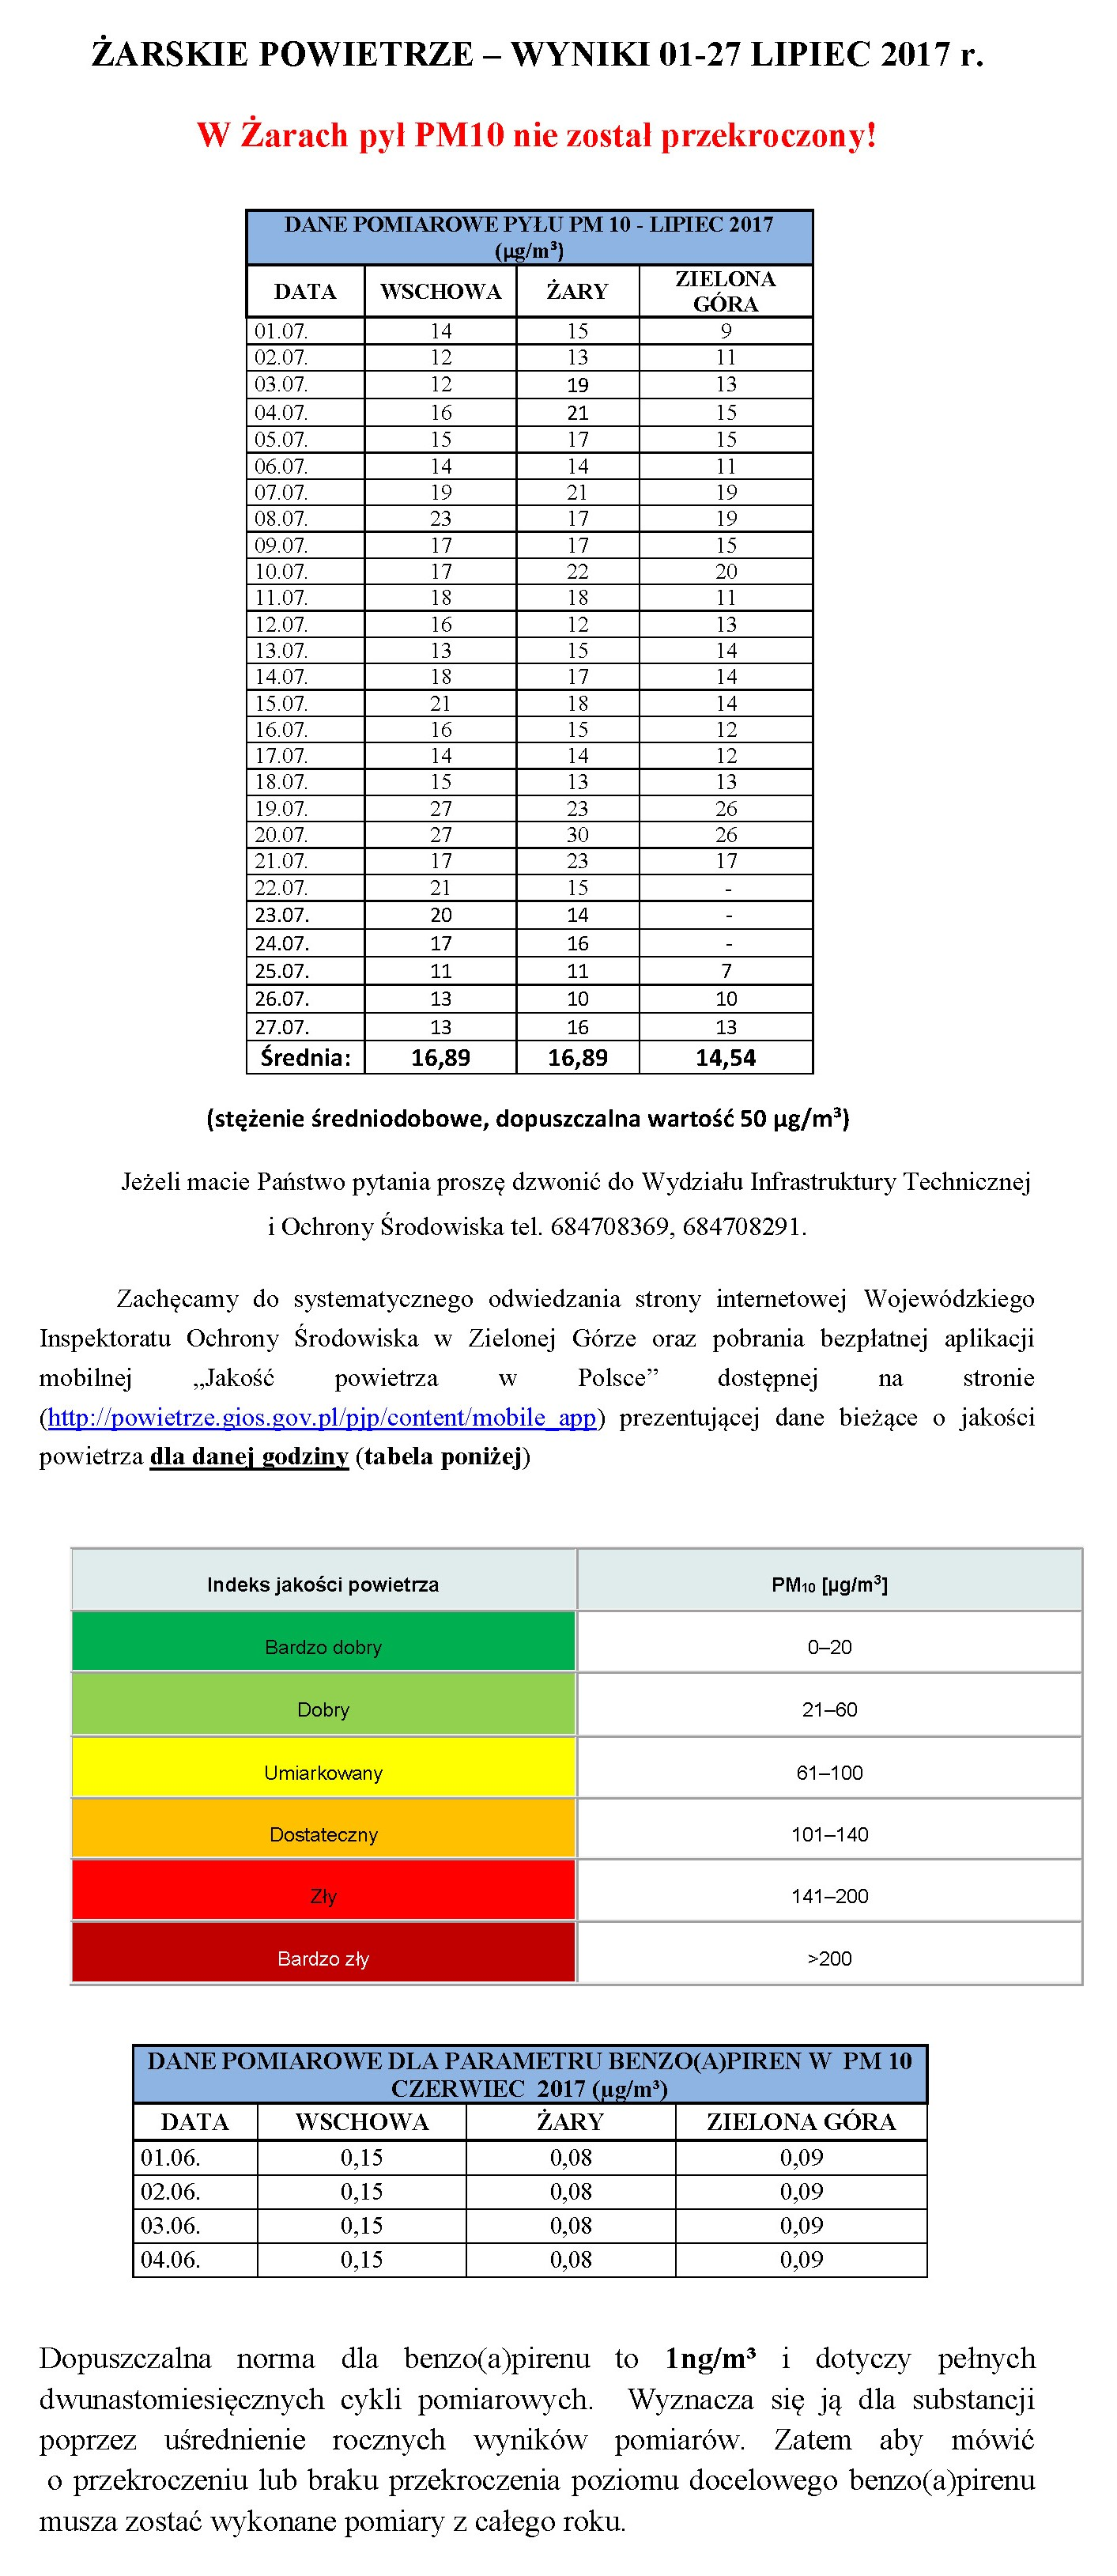 Ilustracja do informacji: ŻARSKIE POWIETRZE – WYNIKI 01-27 LIPIEC 2017 r.